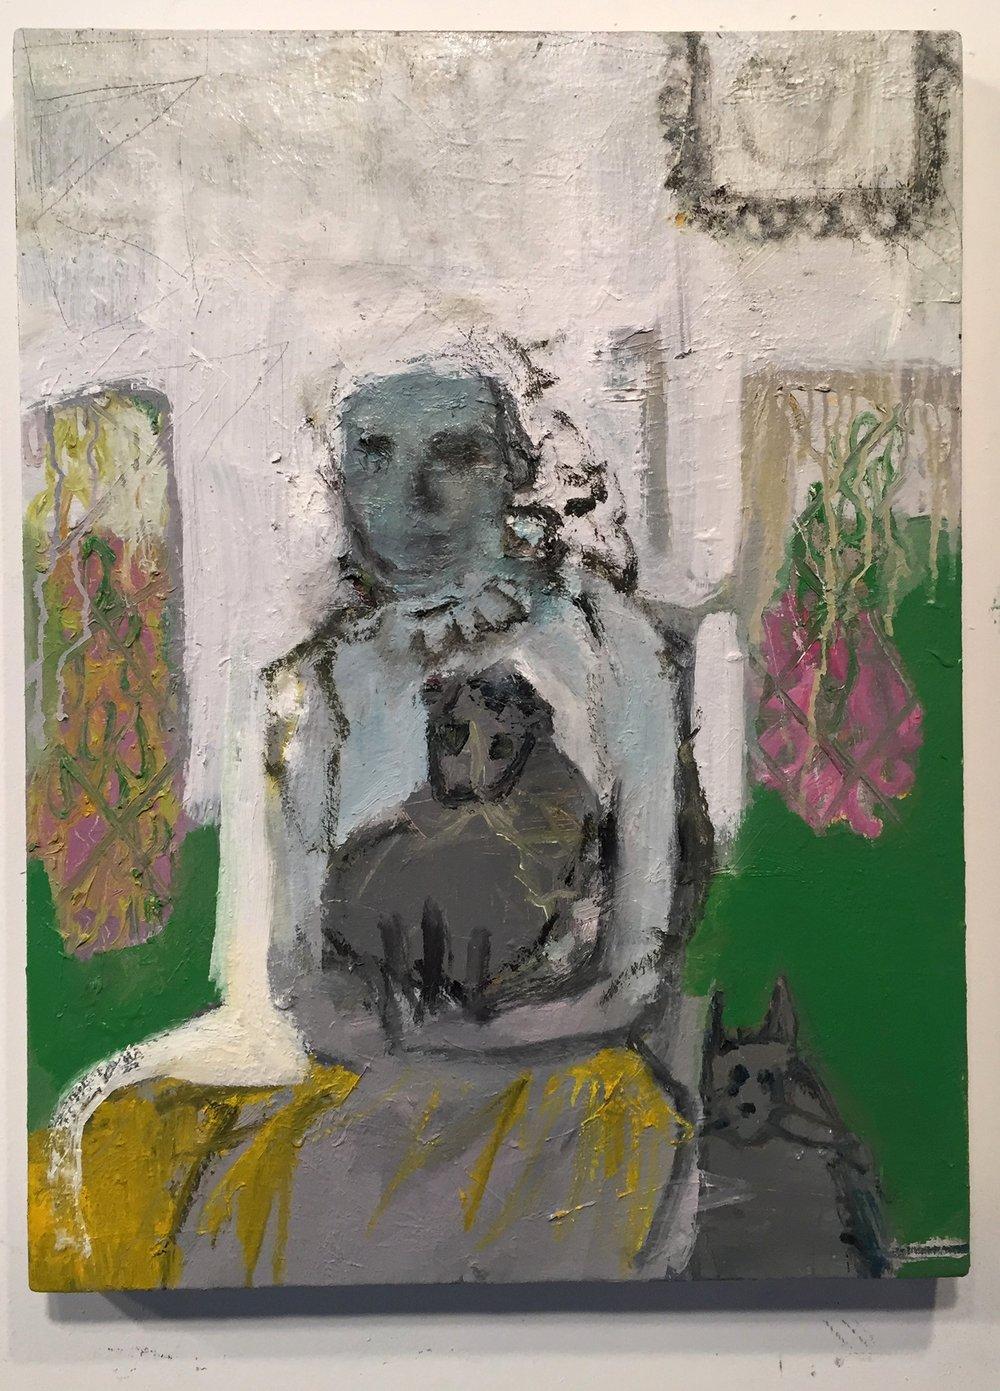 family portrait, 2018 oil on canvas 24x18